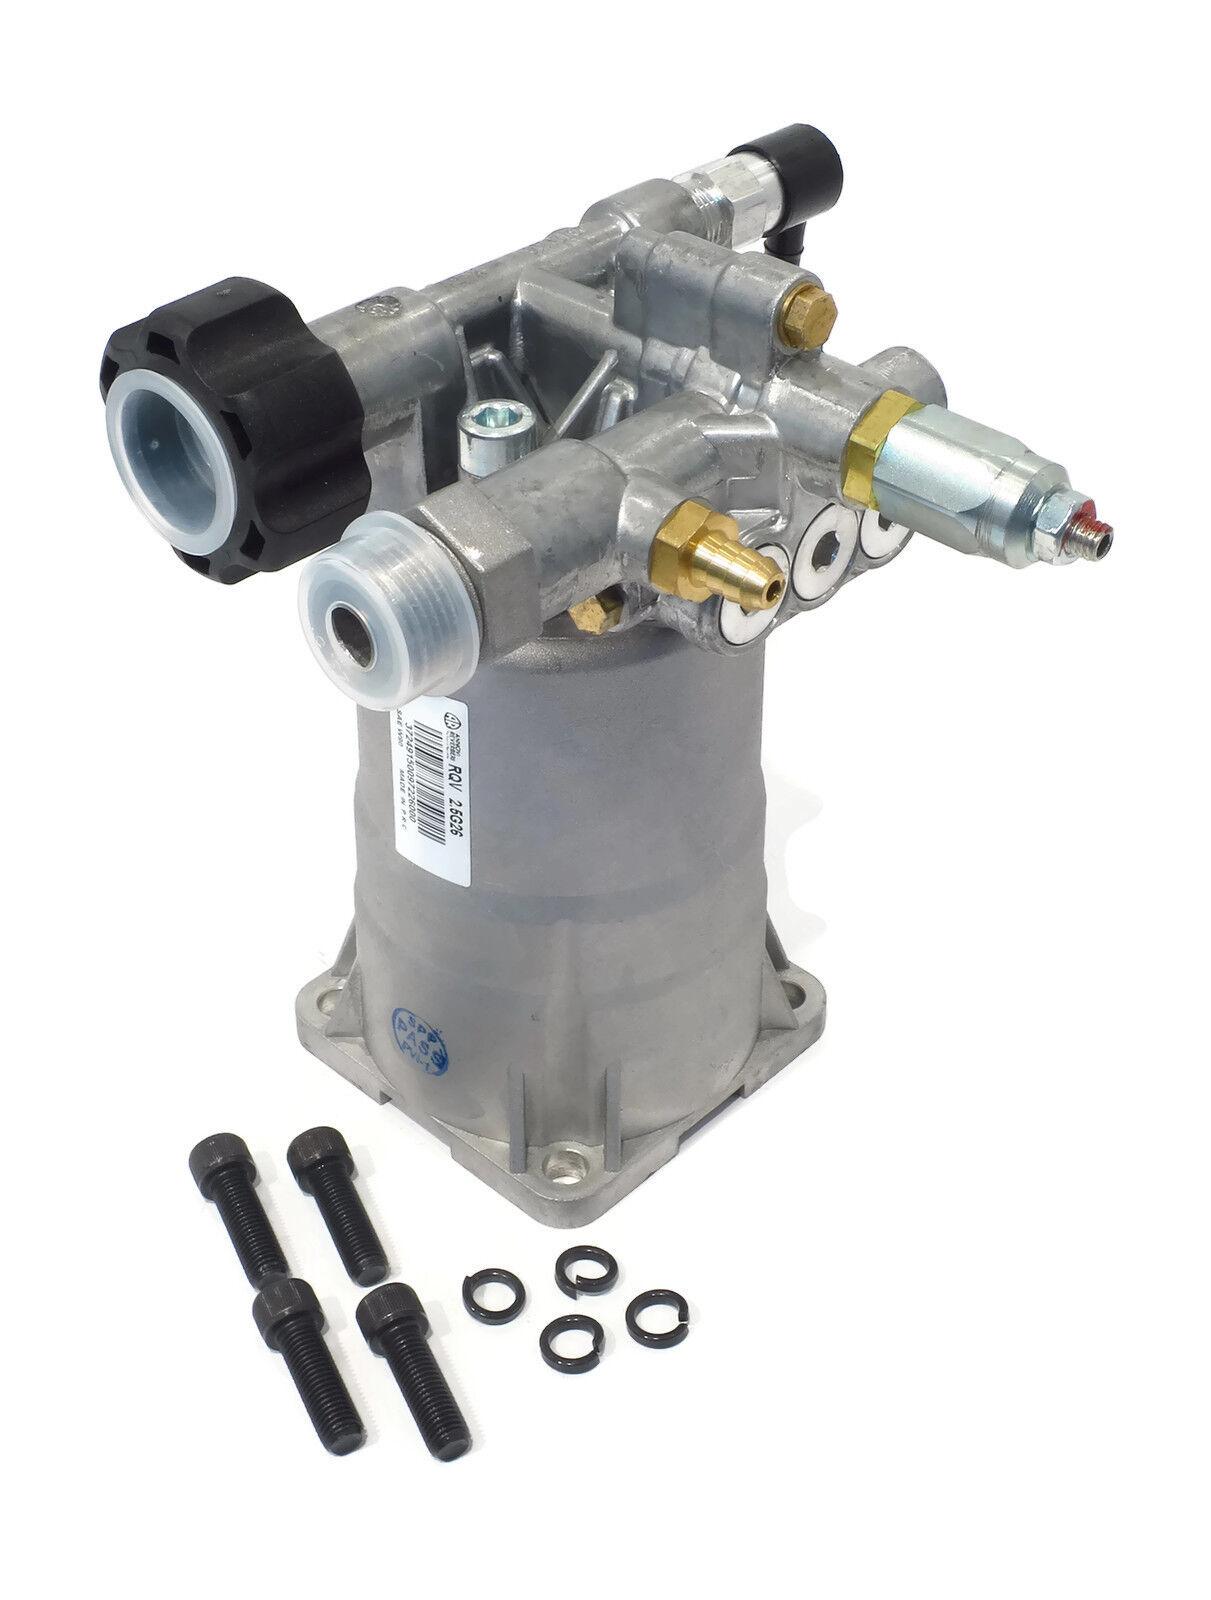 Nuevo 2600 PSI Hidrolimpiadora Bomba de agua de alimentación Troy-Bilt 20209 020209 0202 09-0